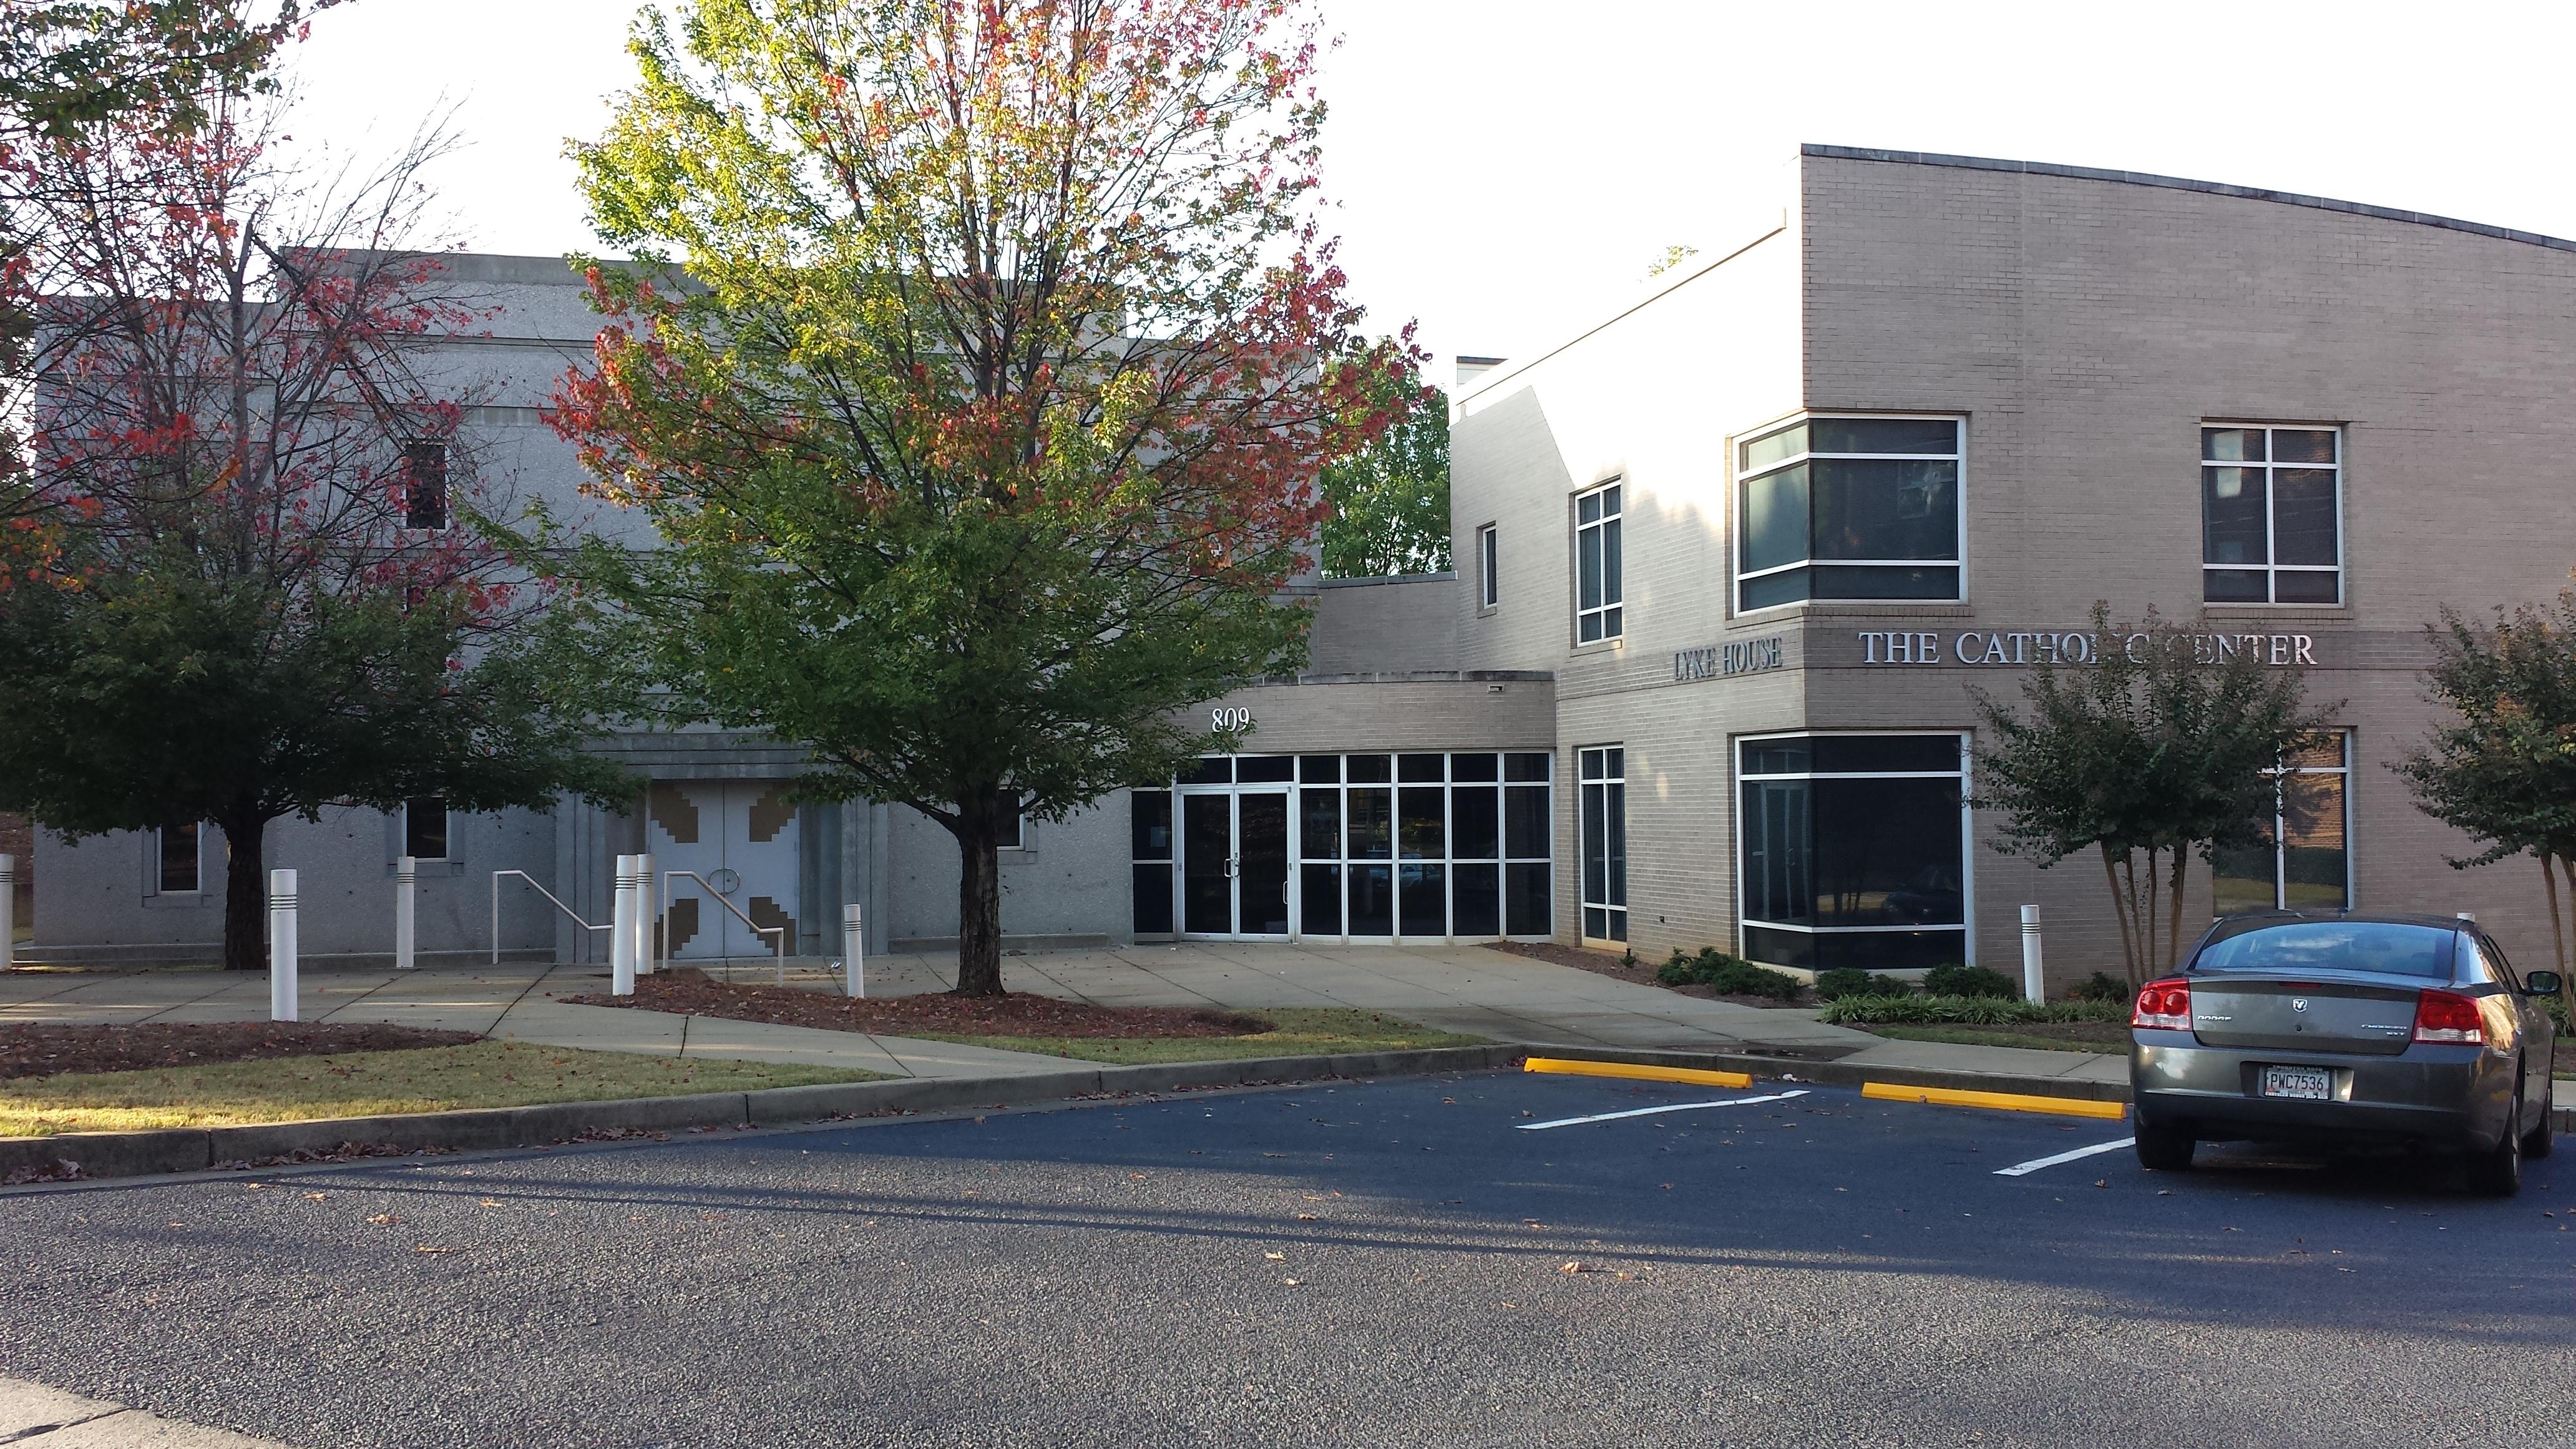 Lyke House – The Catholic Center at AUC